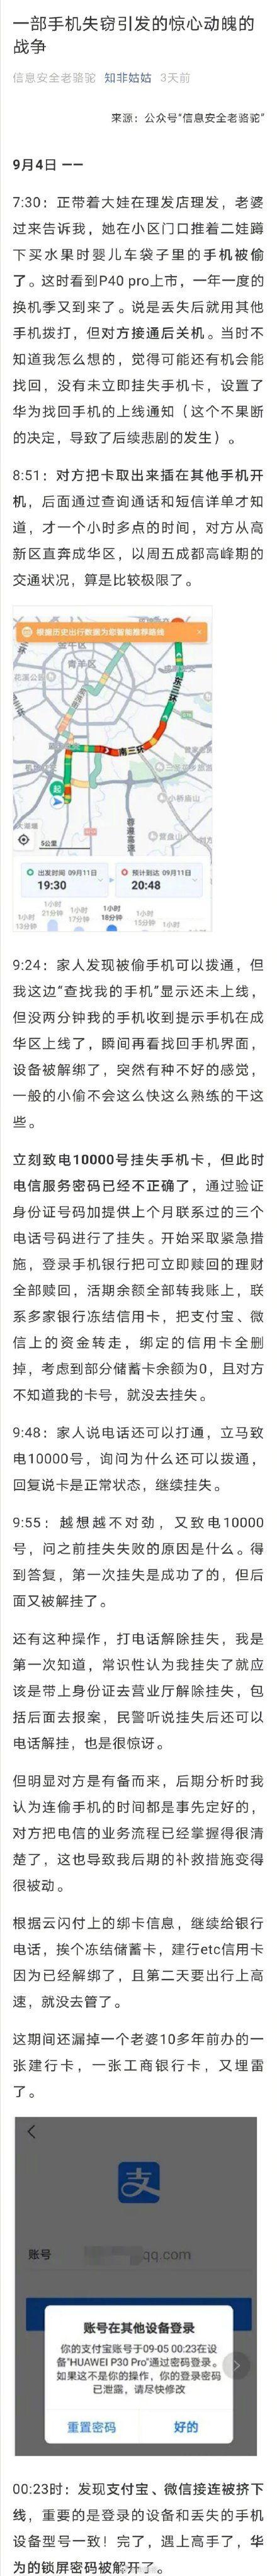 支付宝团队回应手机黑产:人脸识别未被突破 受害人没被套到钱和信息